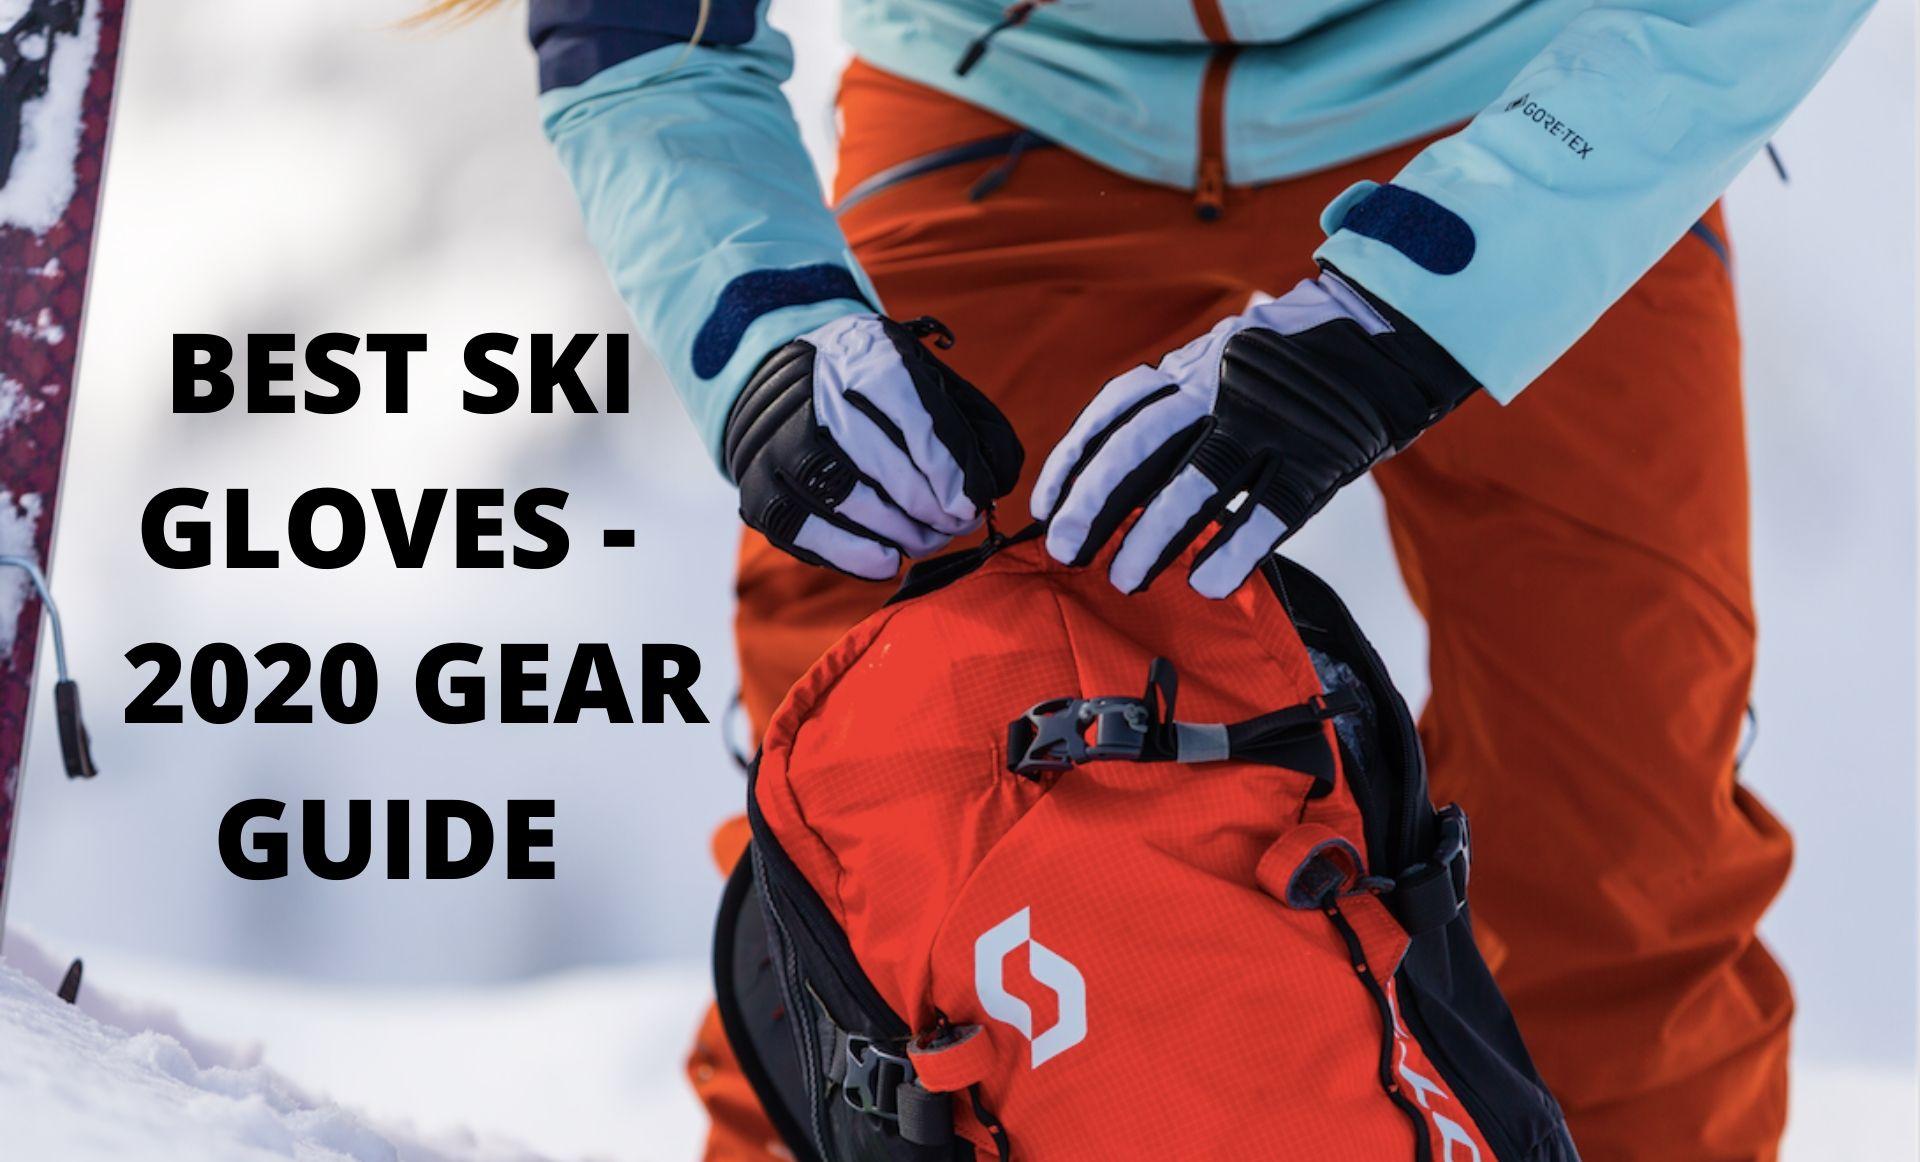 Best Ski Gloves 2020.2020 Gear Guide Best Ski Gloves Fall Line Skiing